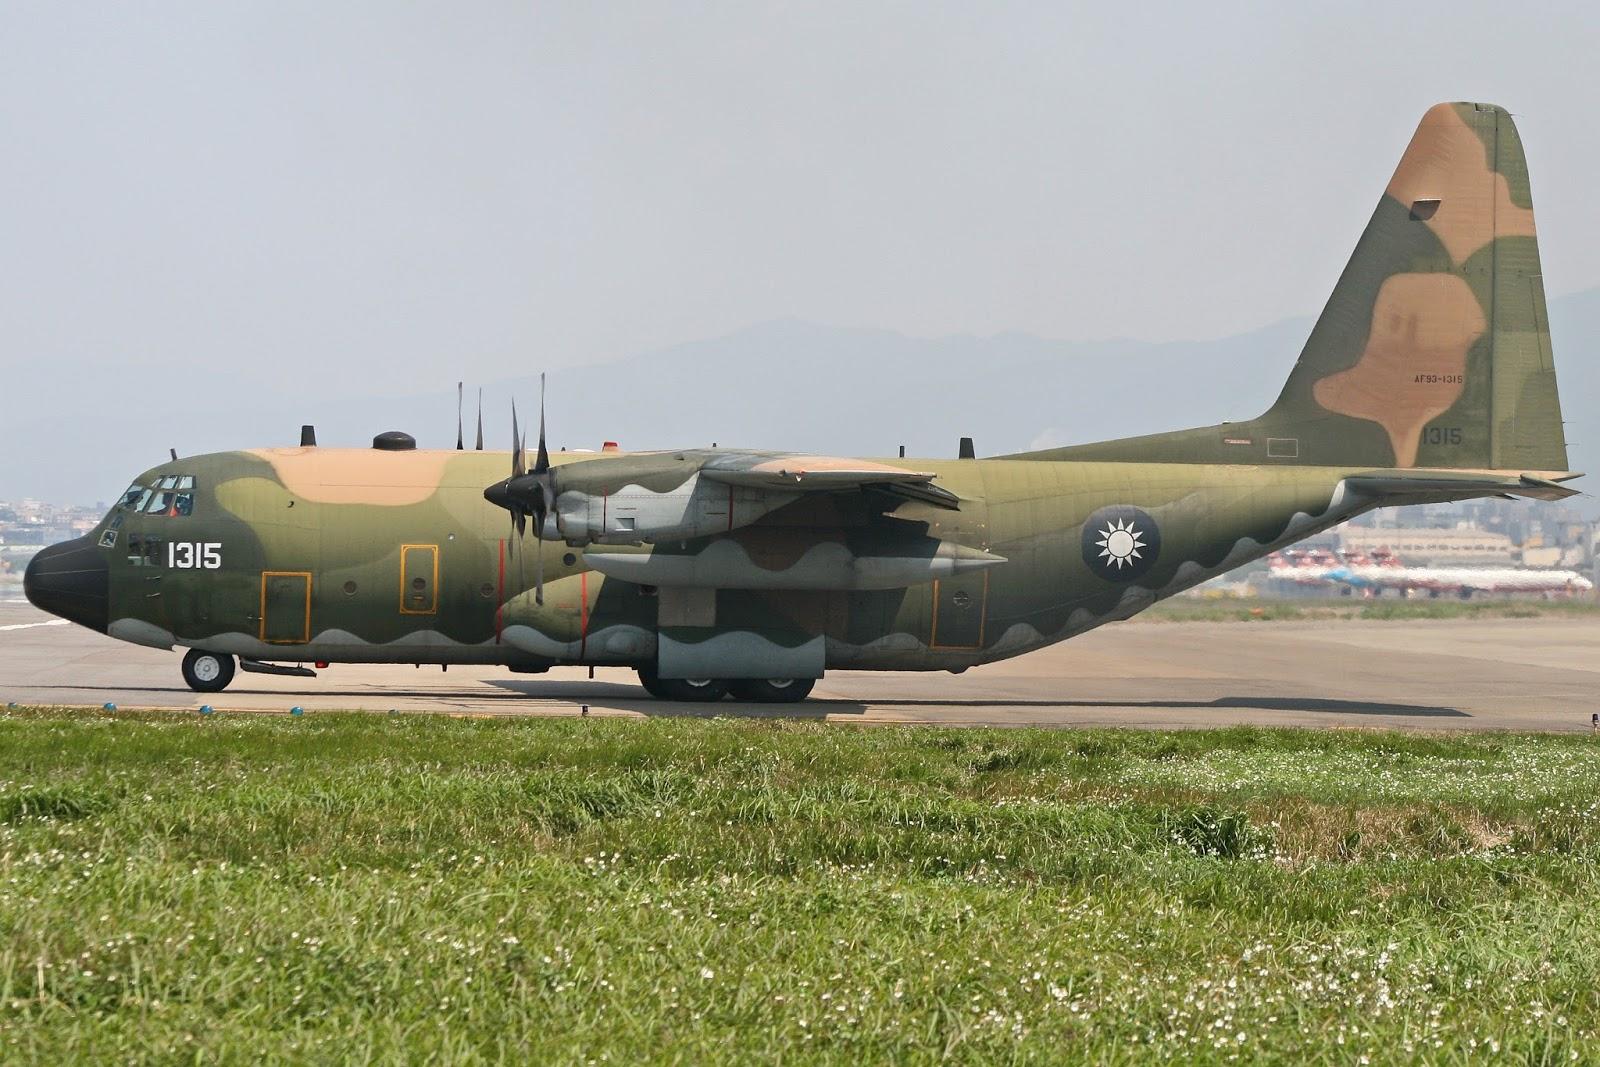 http://3.bp.blogspot.com/--CkeN0ERoH0/UjXryQsQChI/AAAAAAAAARY/gpgEWMNKSgM/s1600/1315+Taiwan+Air+Force+C-130+TAO+-+MAR11_6.jpg